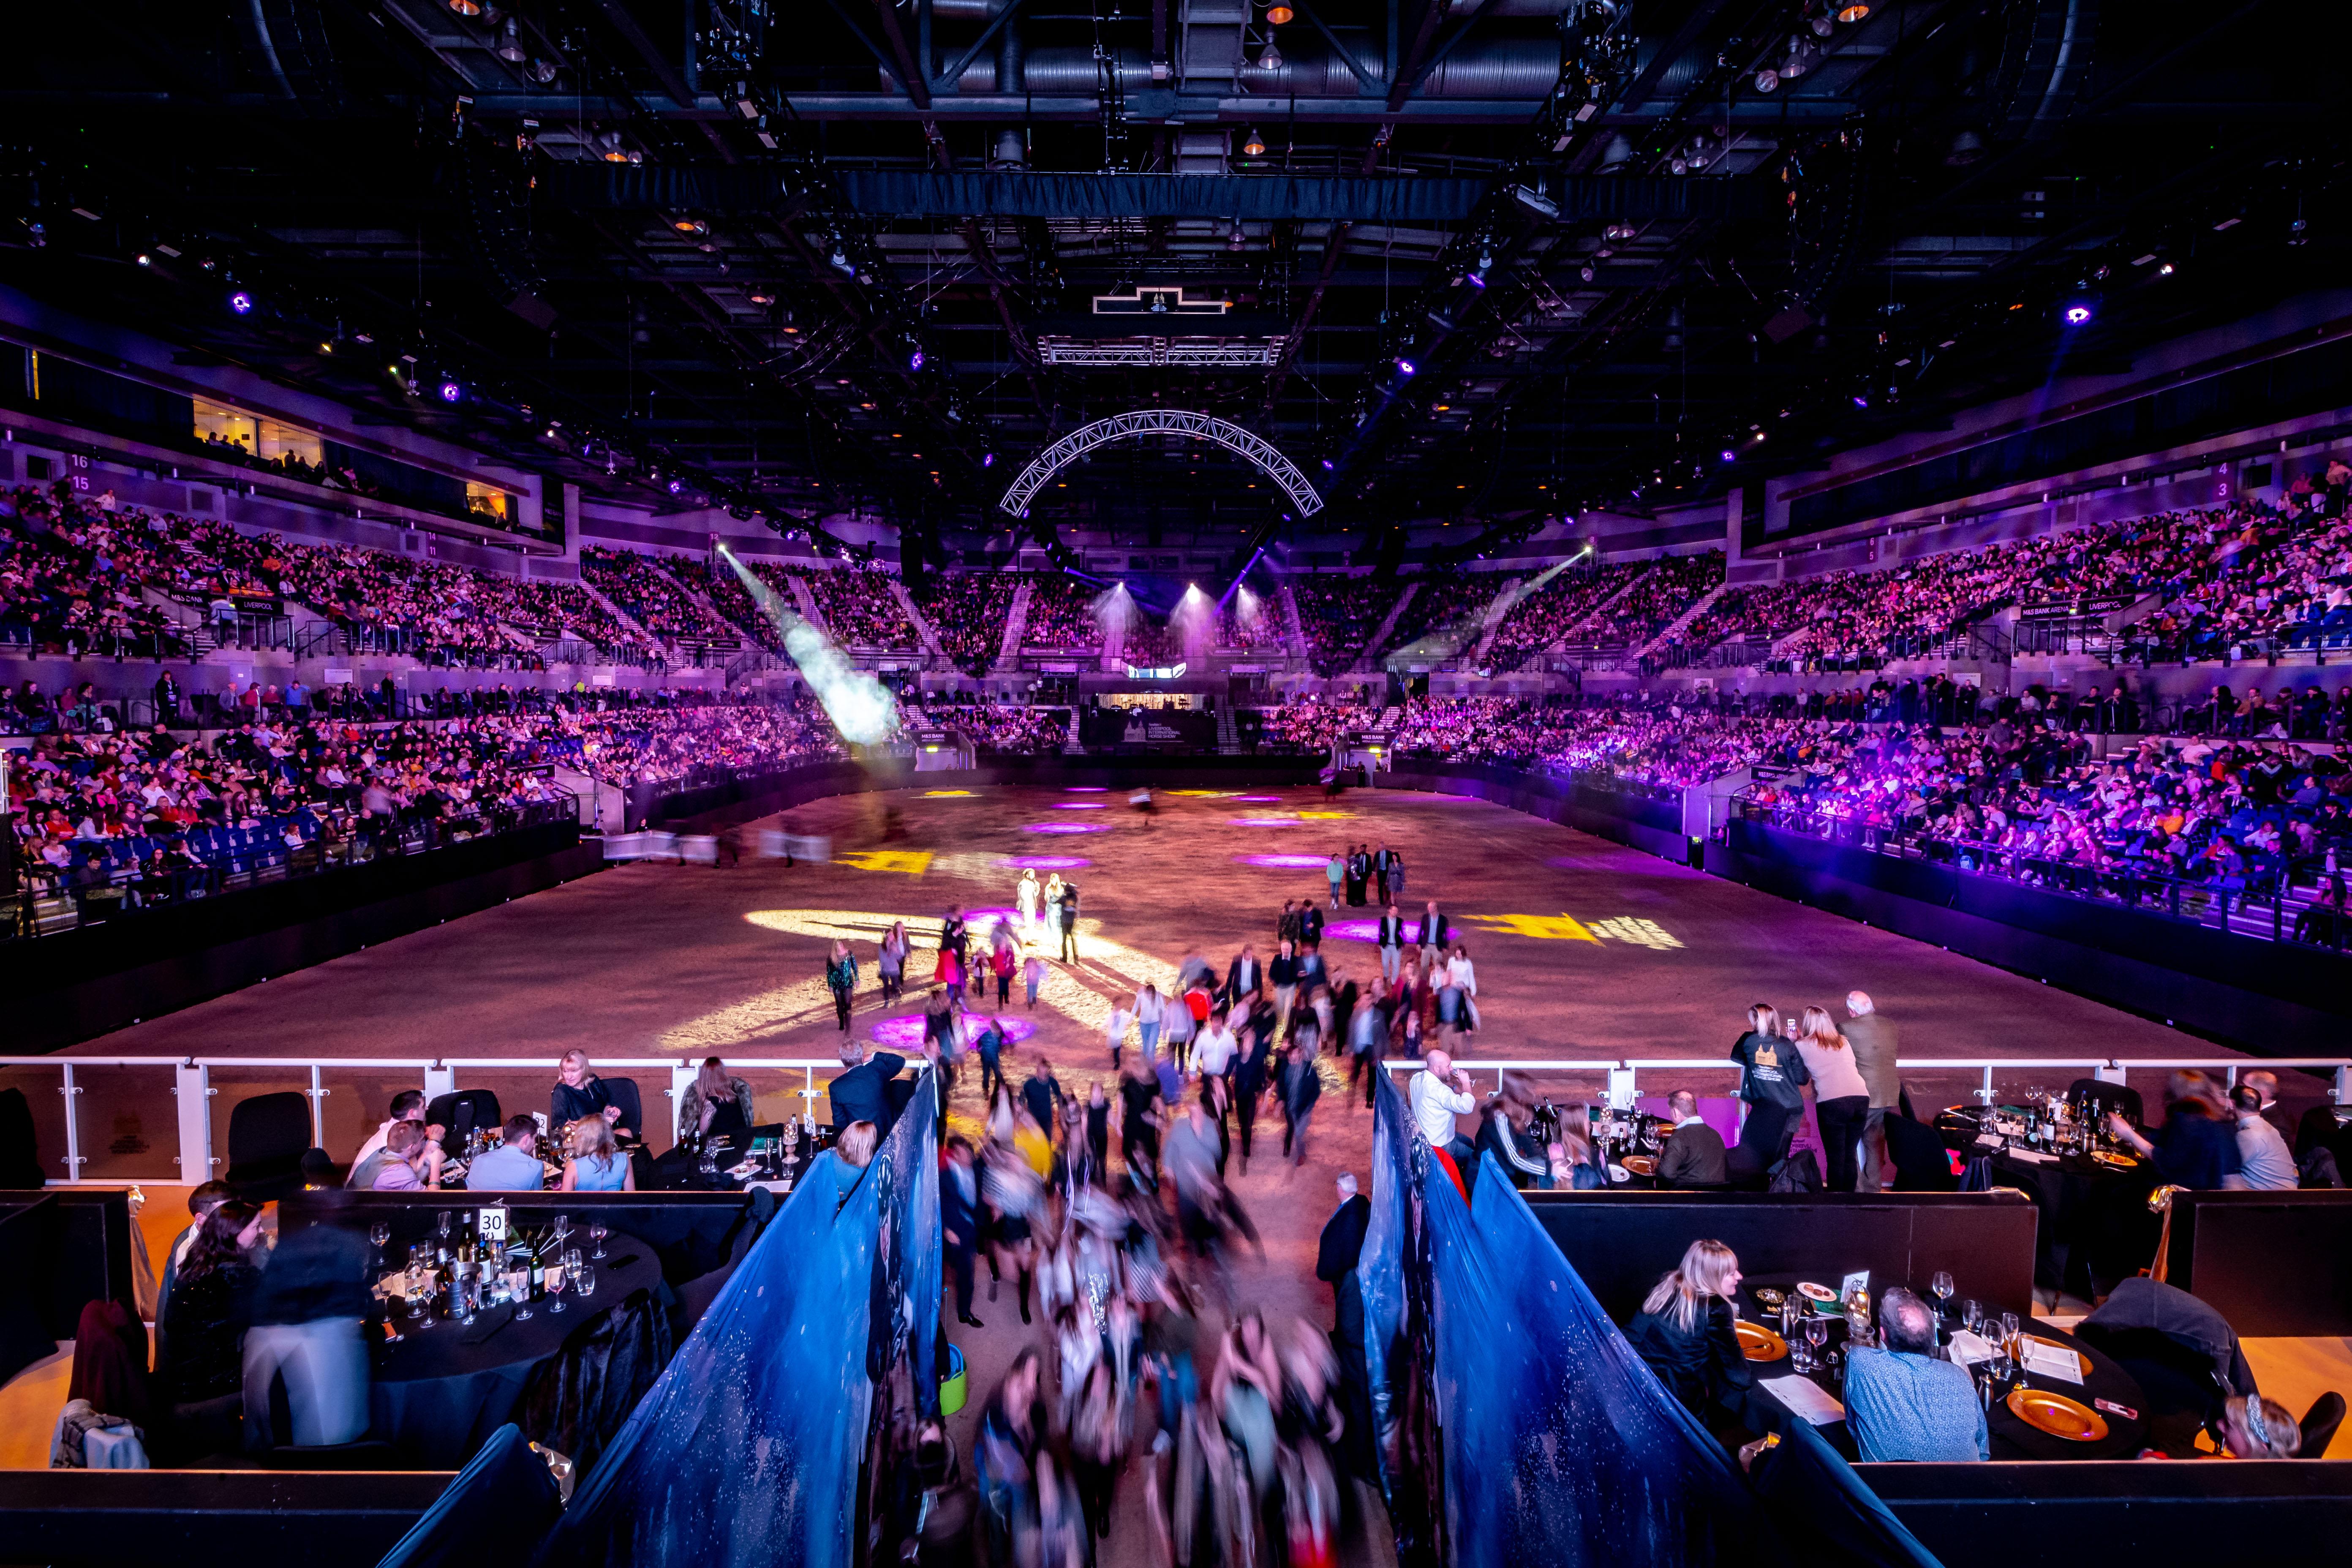 Arena shot